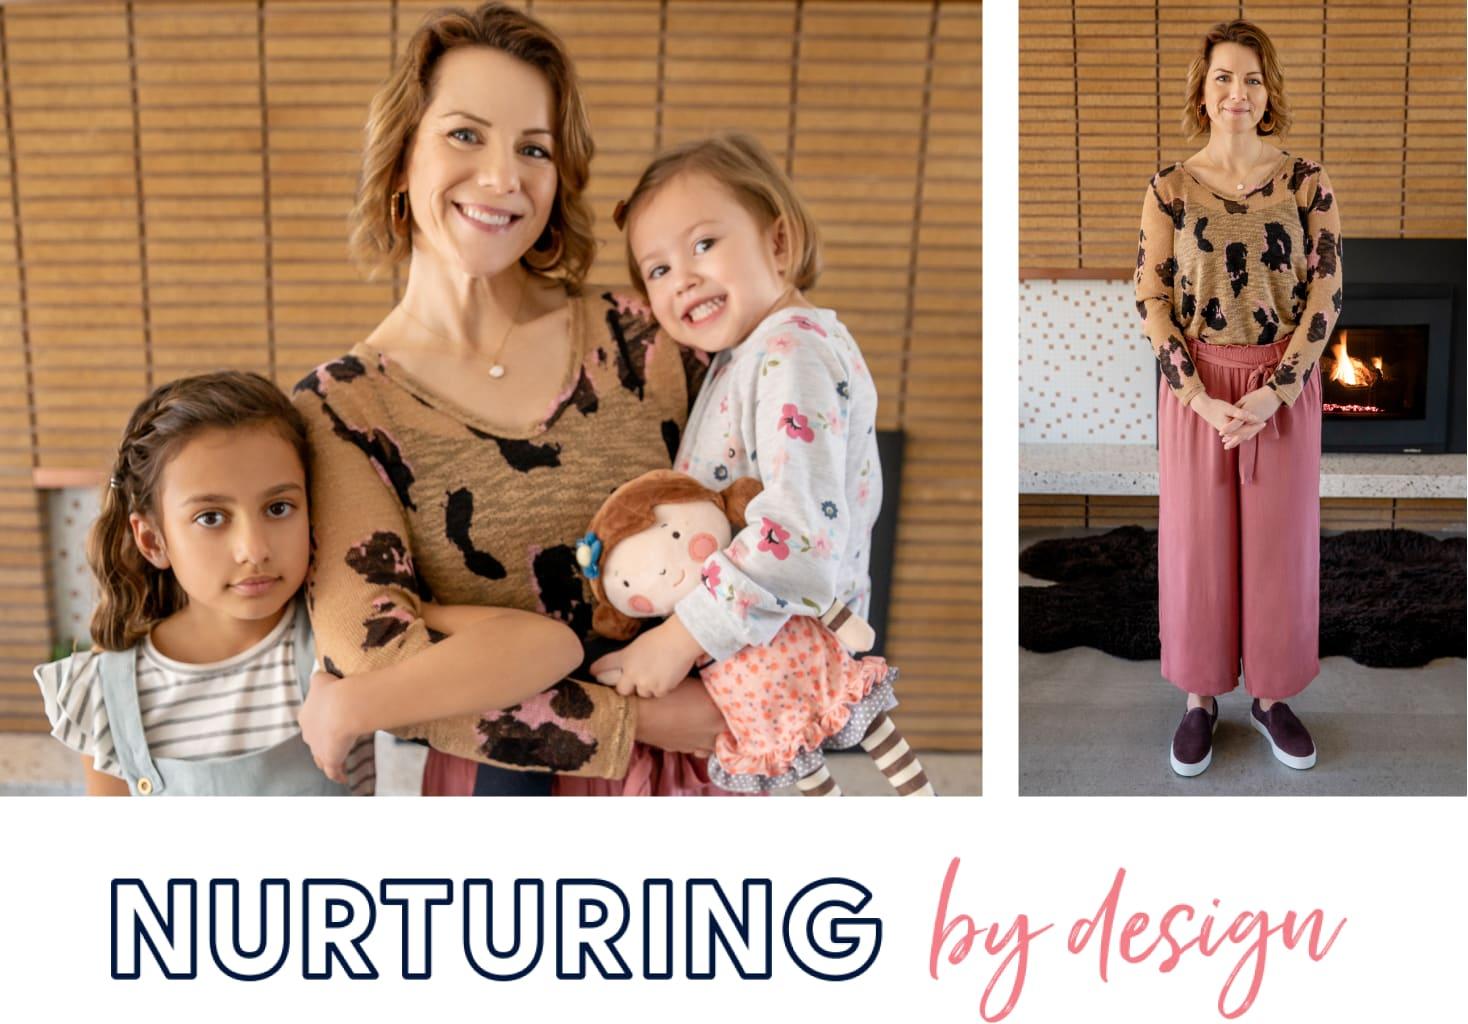 Nurturing by Design